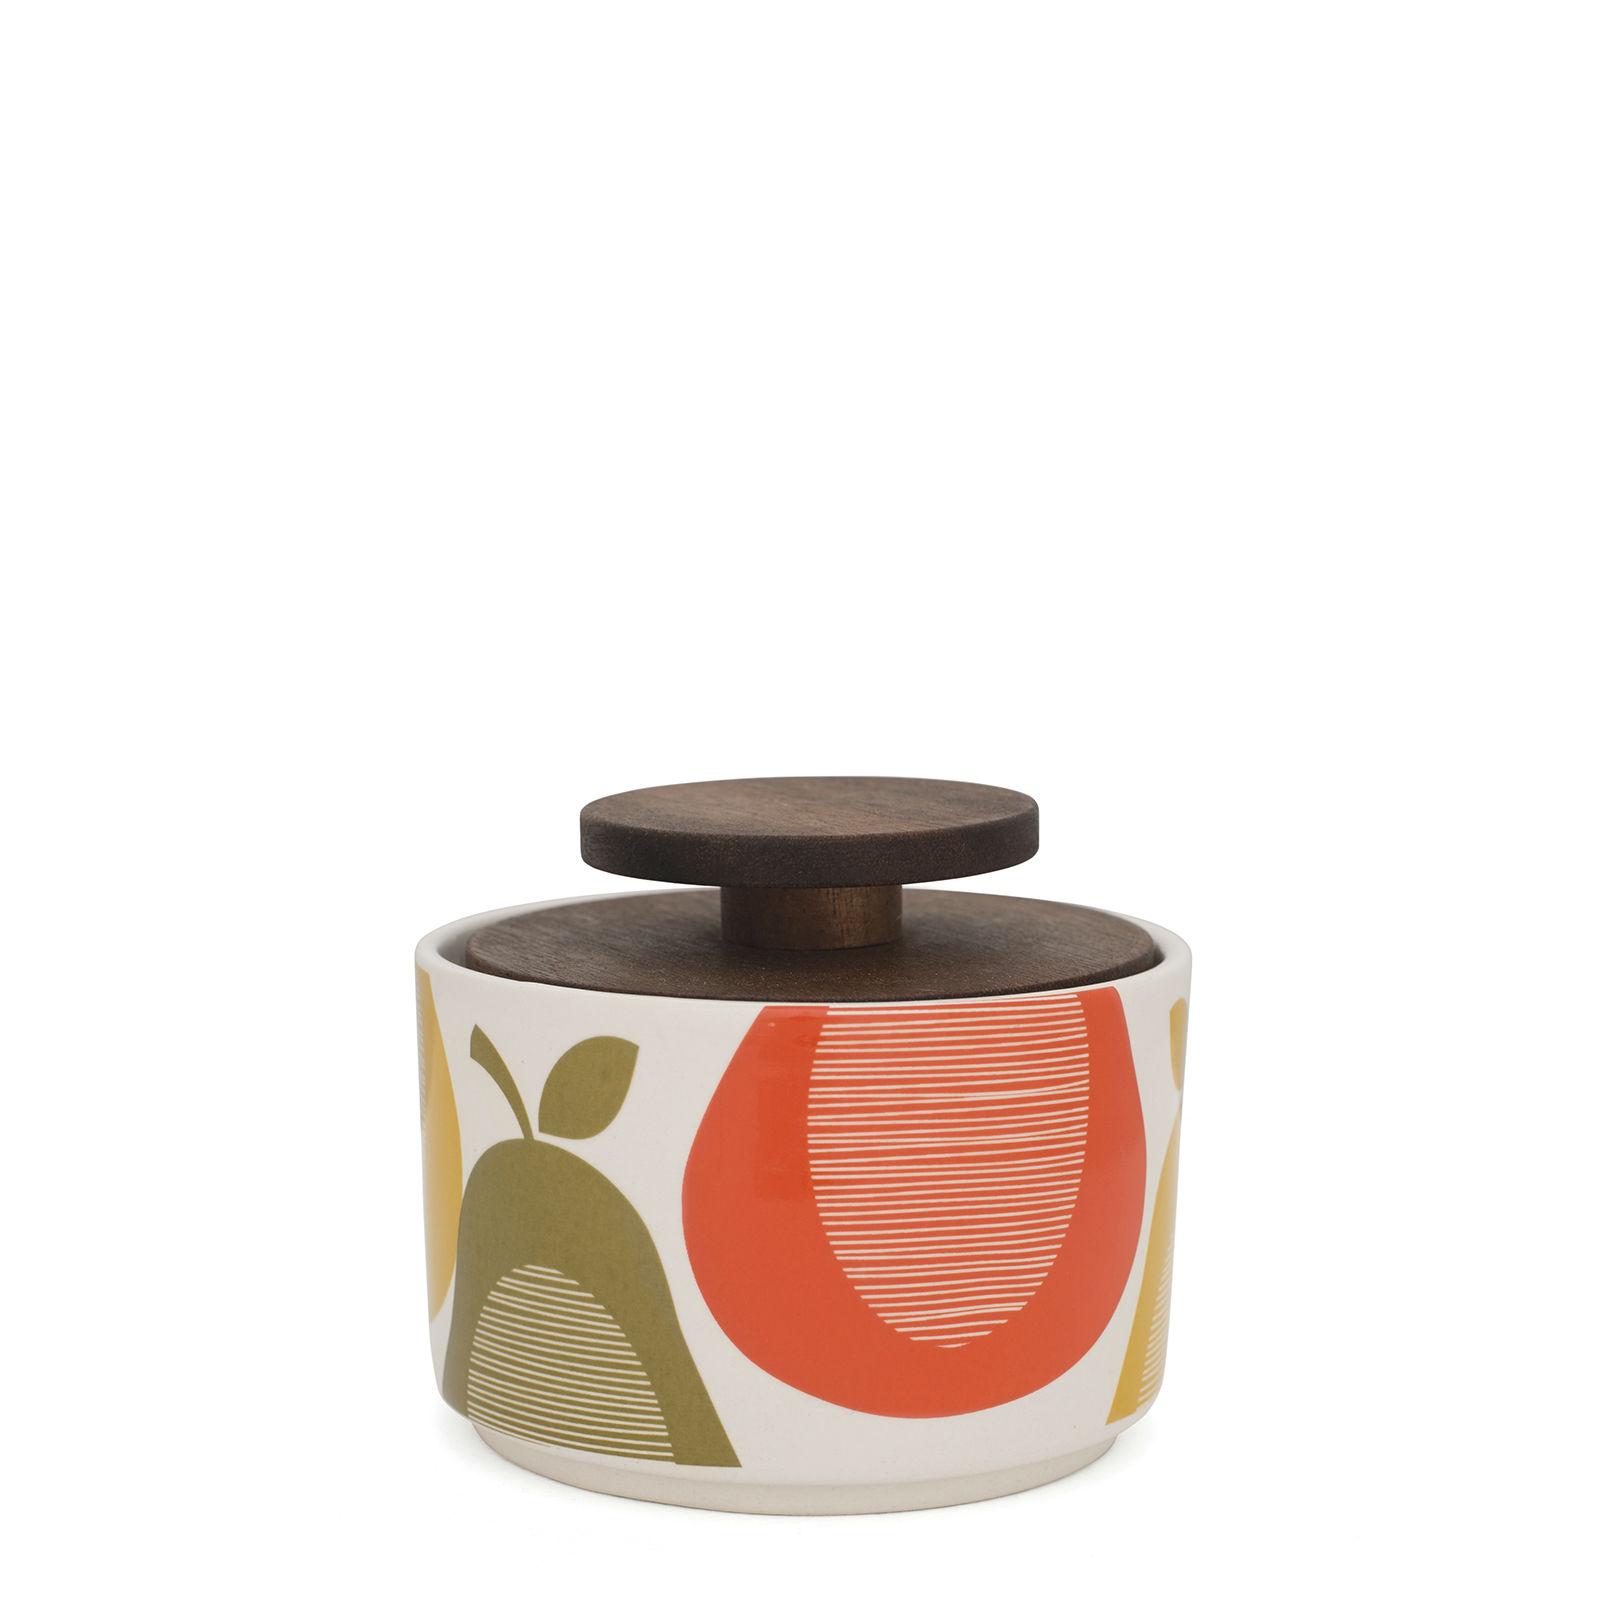 Boites-bocaus-design-Orla-Kiely-09